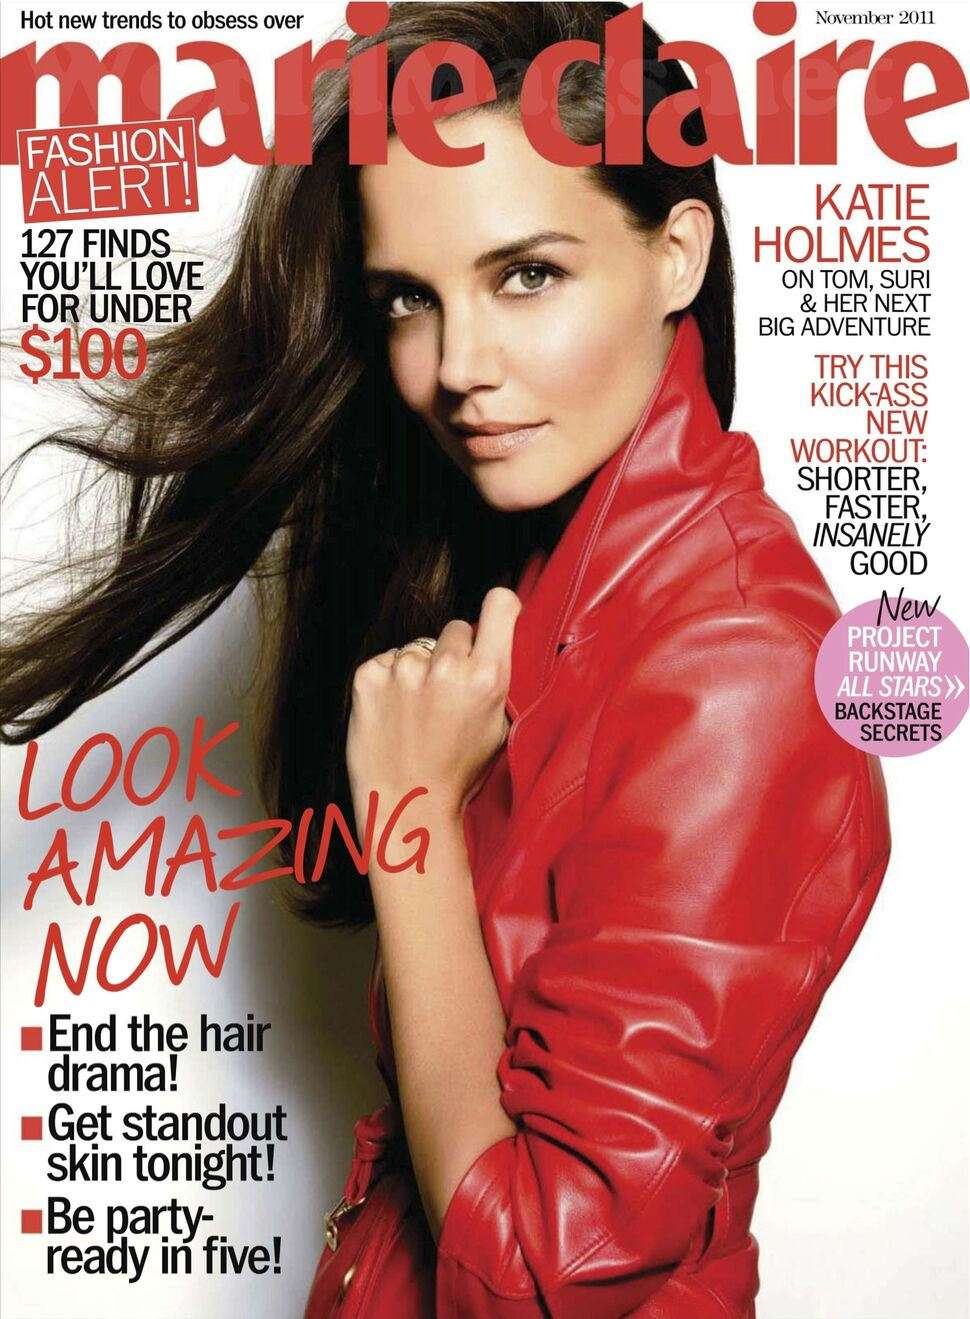 Кэти Холмс в журнале Marie Claire. США. Ноябрь 2011